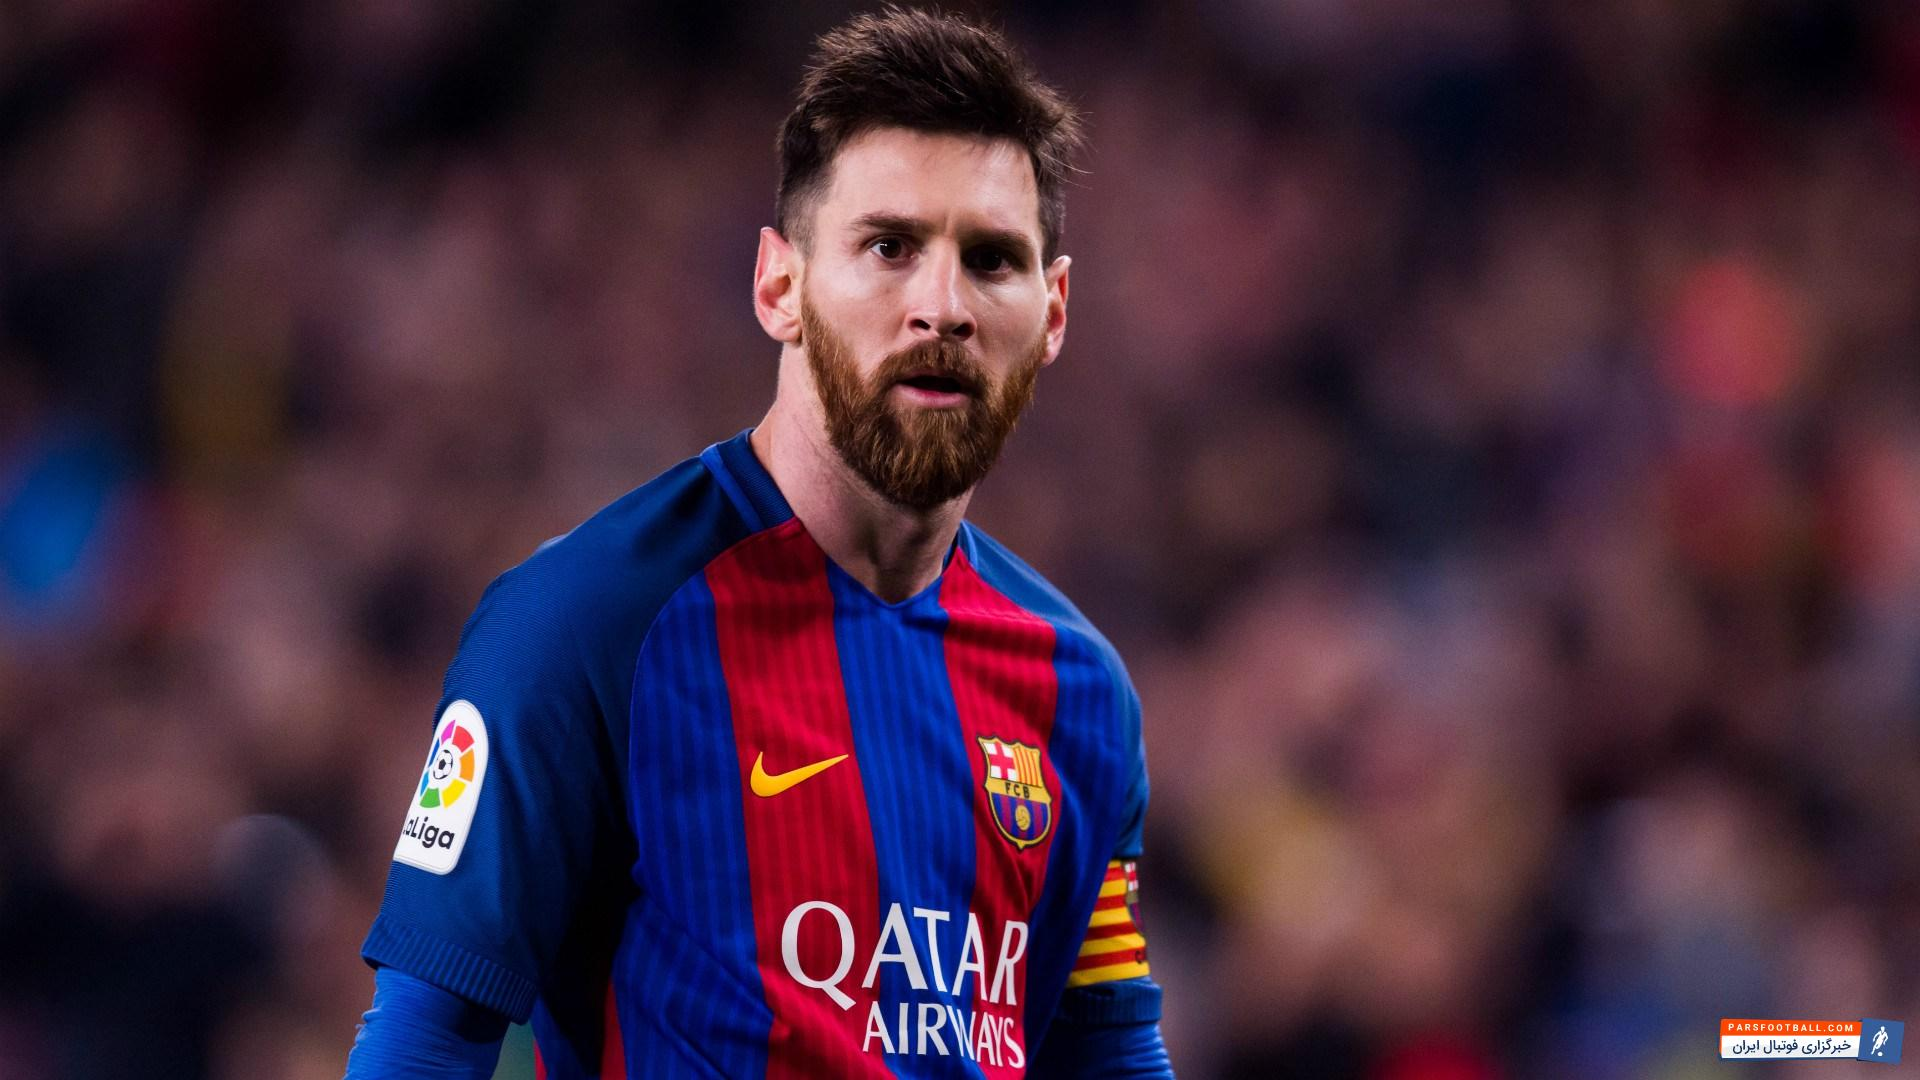 برترین تکنیک های مخرب و نابودگر از لیونل مسی ستاره تیم فوتبال بارسلونا